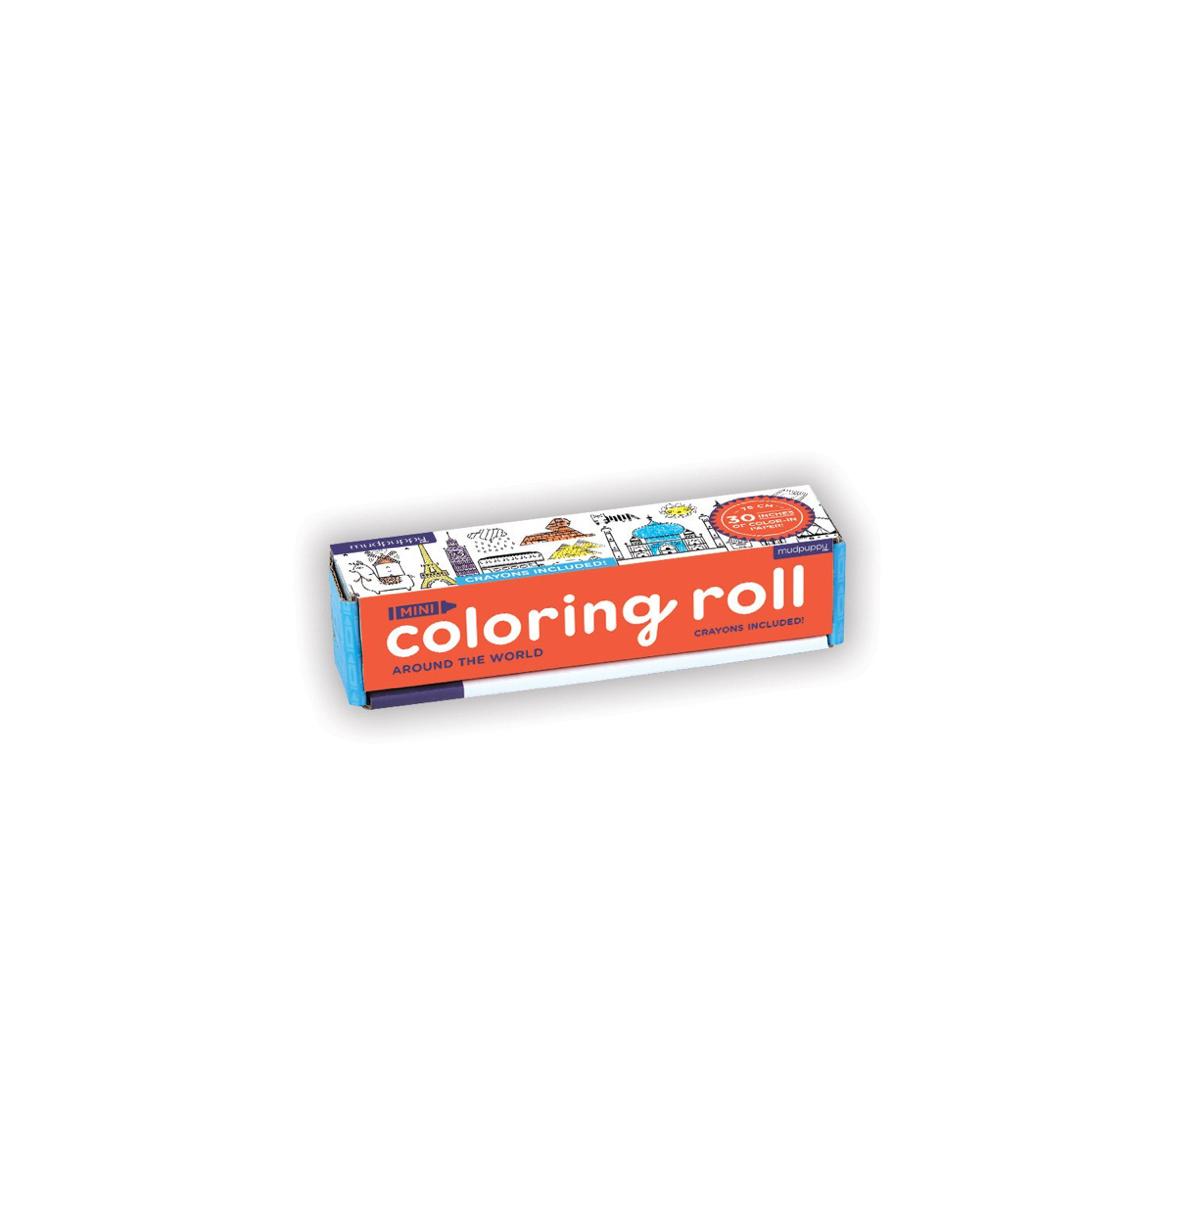 coloring-roll-mini-around-world-de-mudpuppy-en-el-mundo-de-mico3